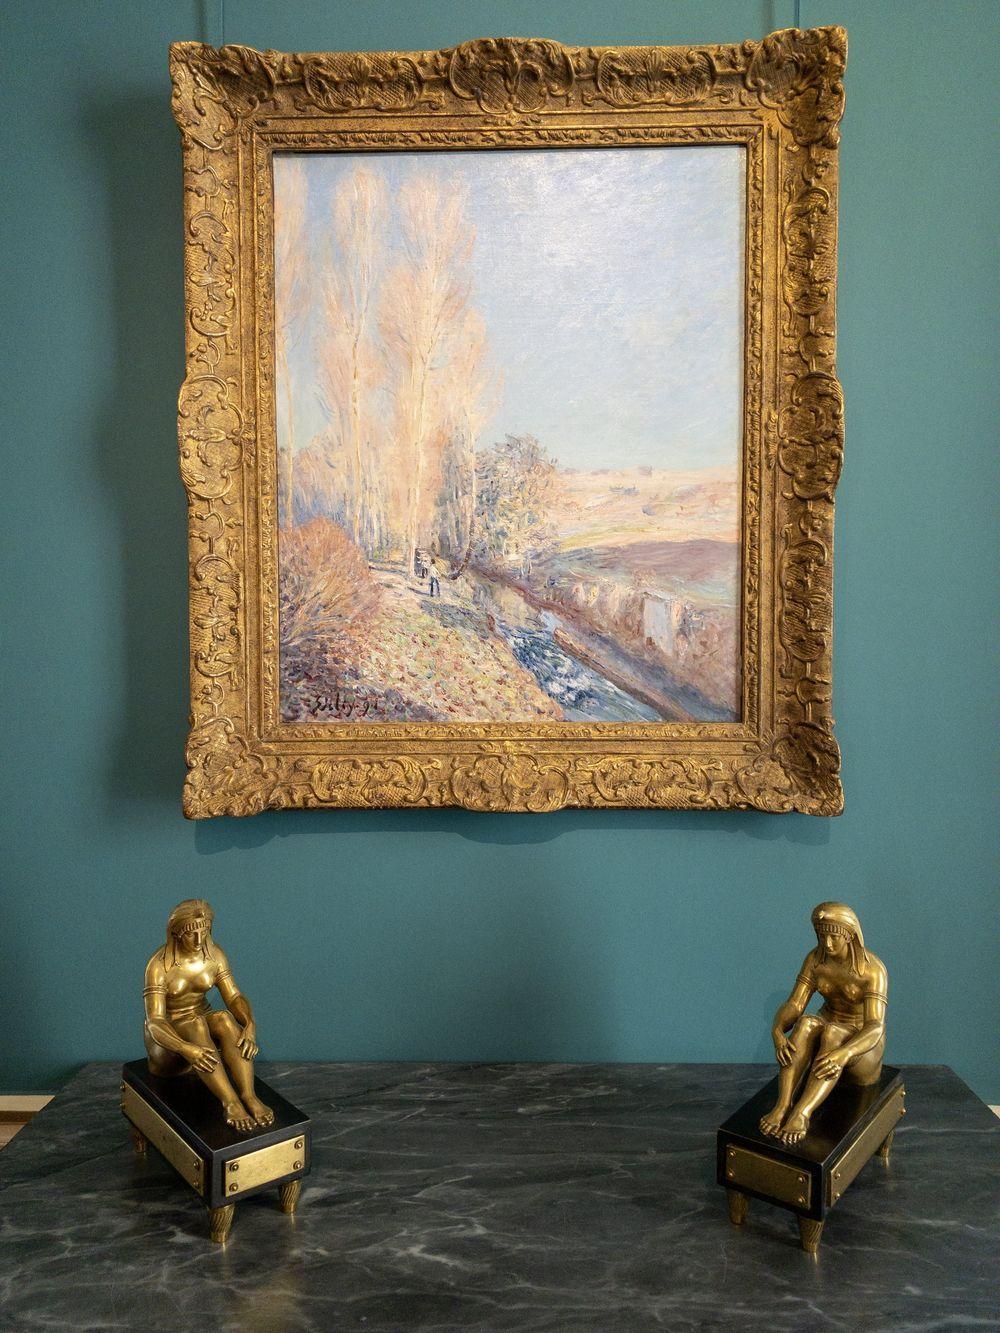 Musee Marmottan Monet - 1891 Painting by Alfred Sisley called Ete de la Saint-Martin, Environs de More-sur-Loing